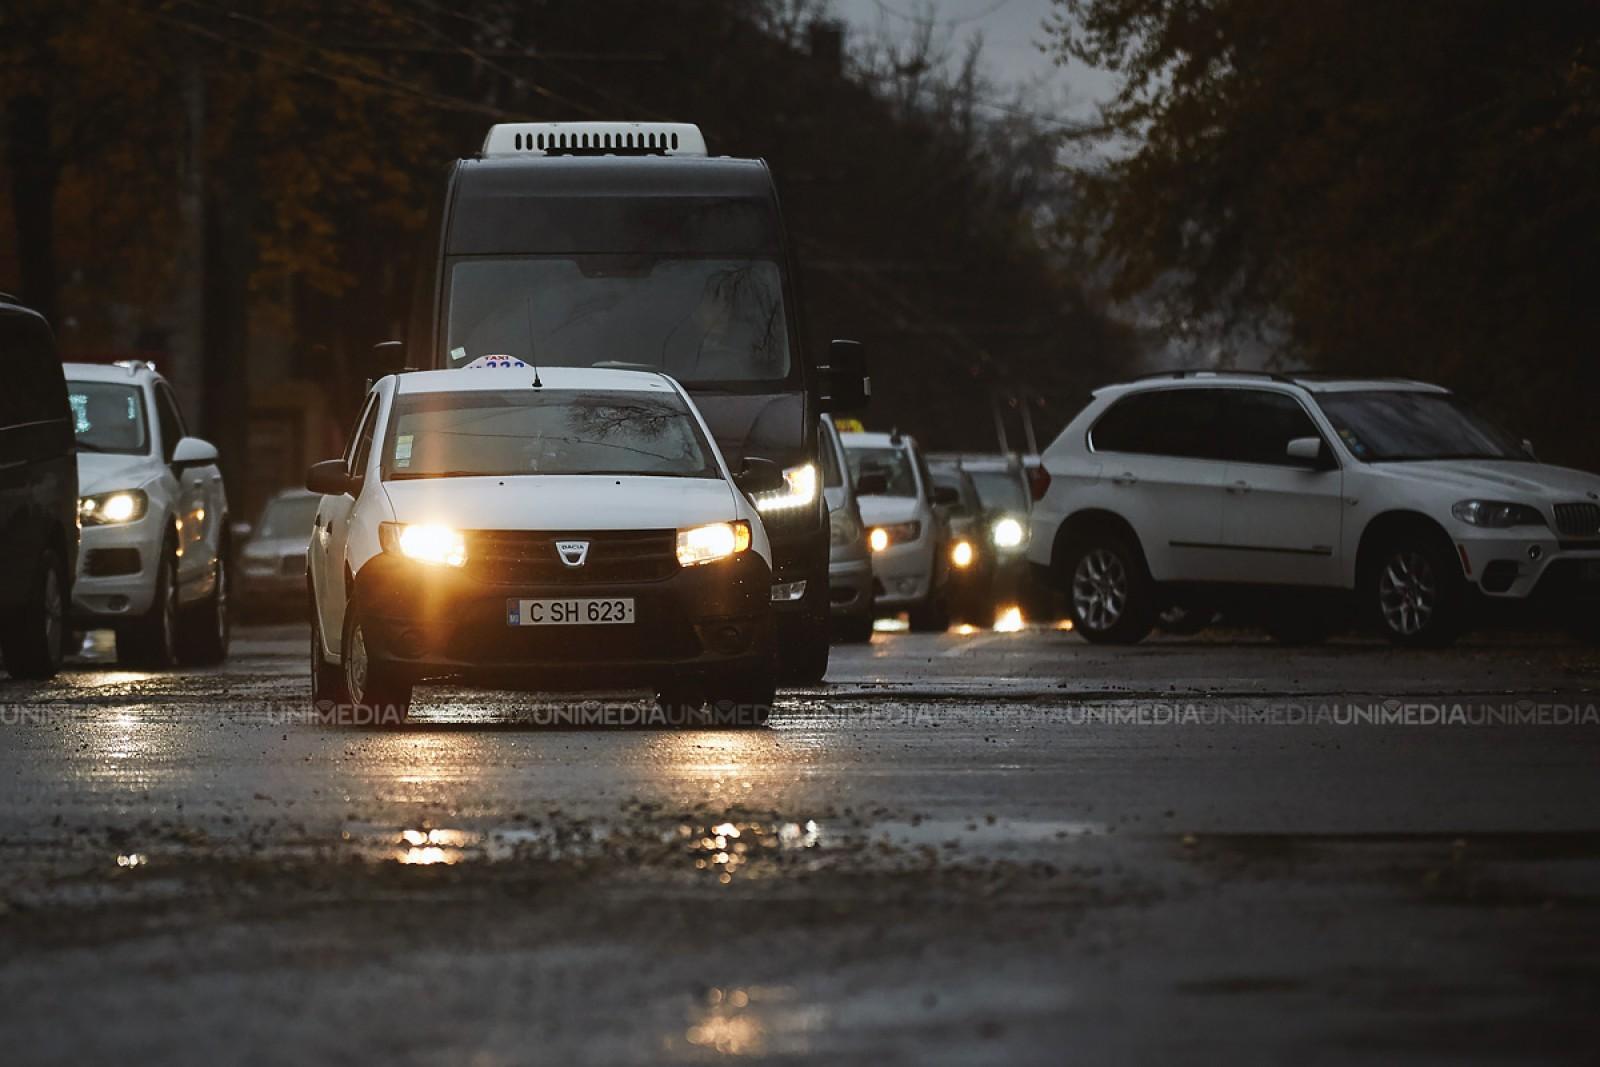 Suspendări de trafic în anul 2018, pe câteva porțiuni de drum din capitală: Urmează lucrări de reparație